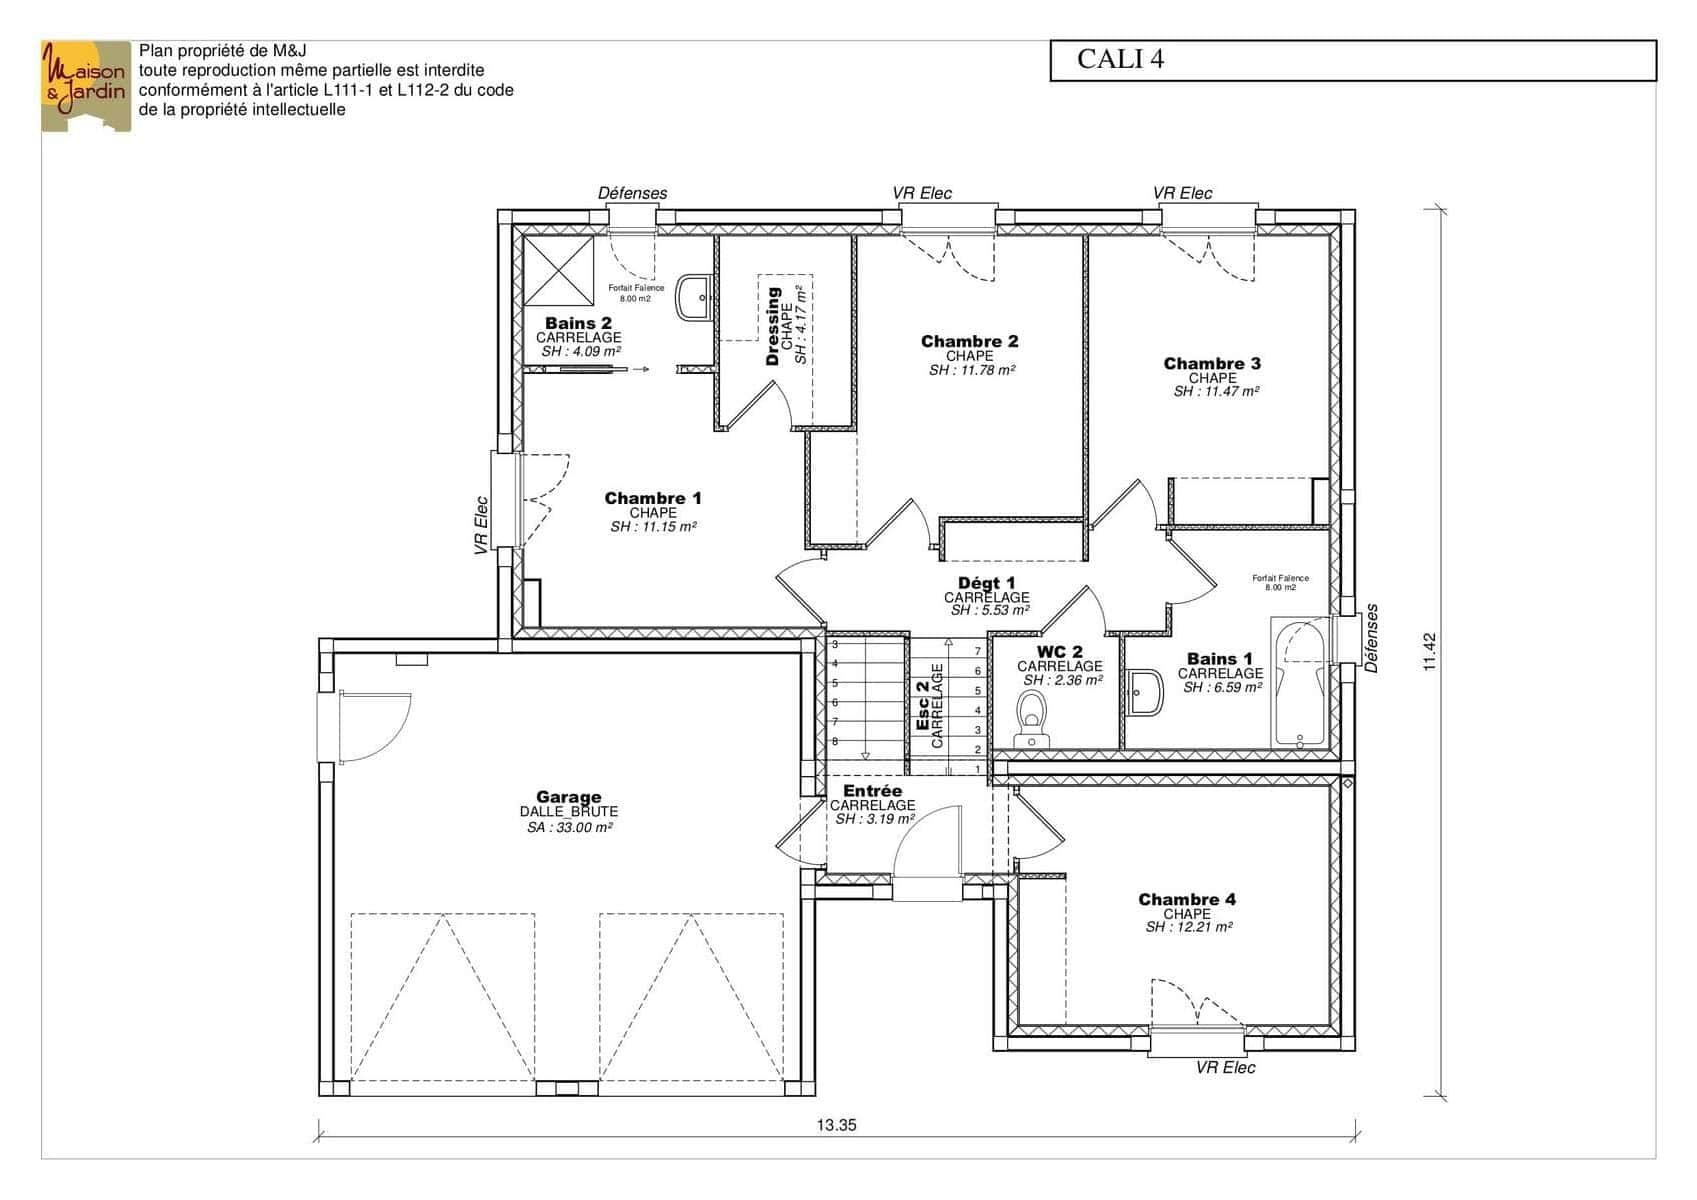 Cali Maison Contemporaine A 2 Niveaux Avec Une Terrasse Couverte